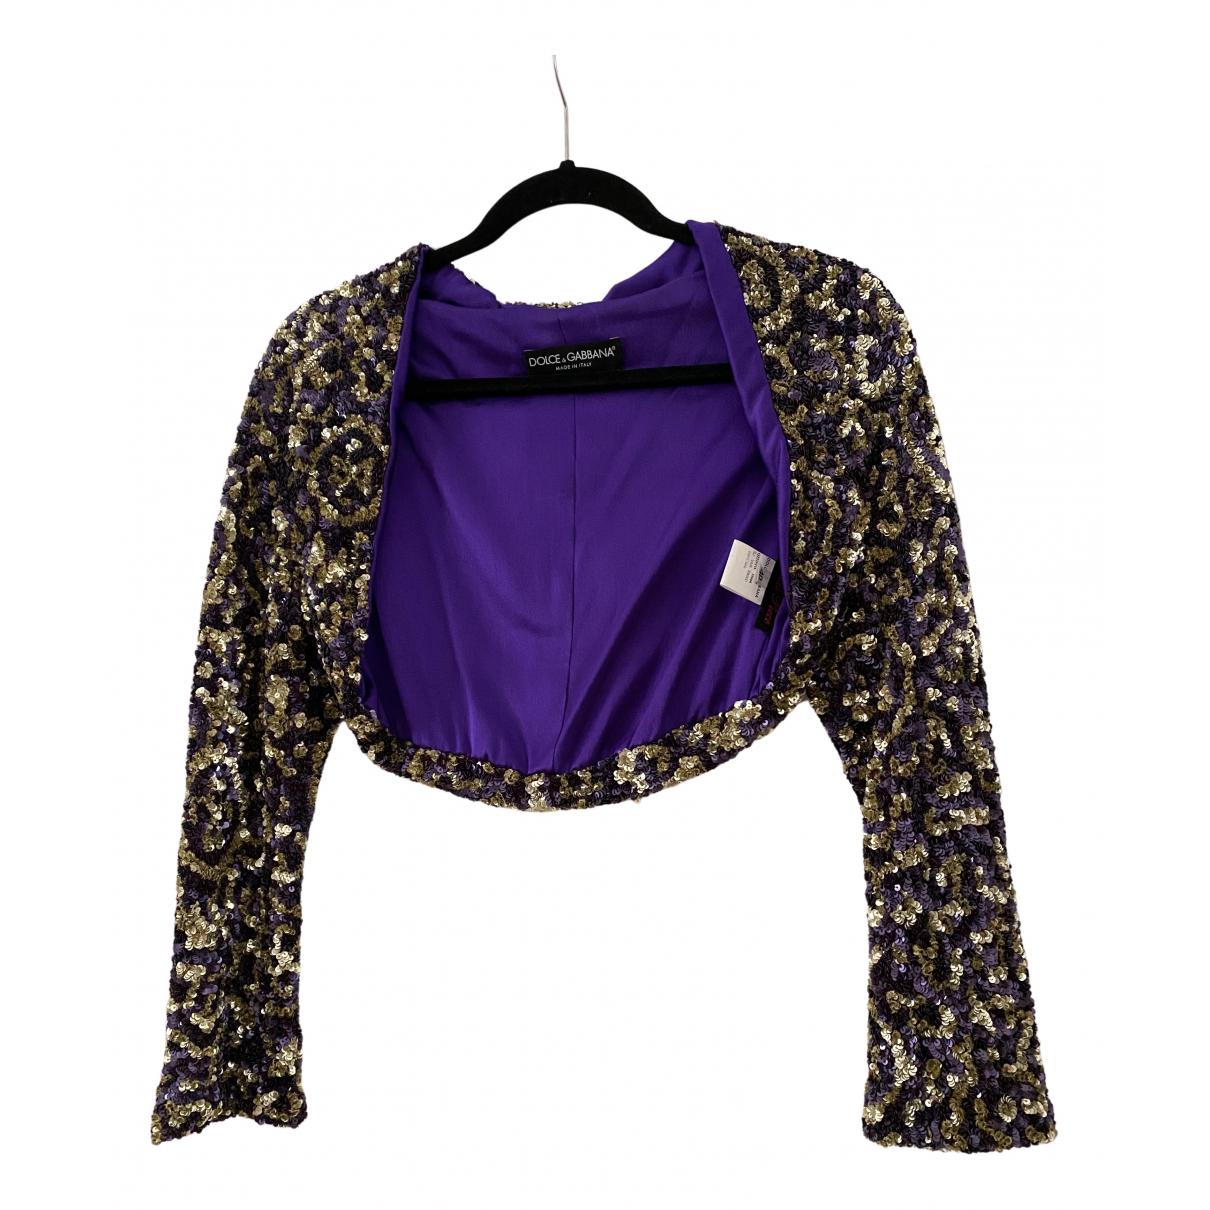 Dolce & Gabbana - Veste   pour femme en a paillettes - multicolore